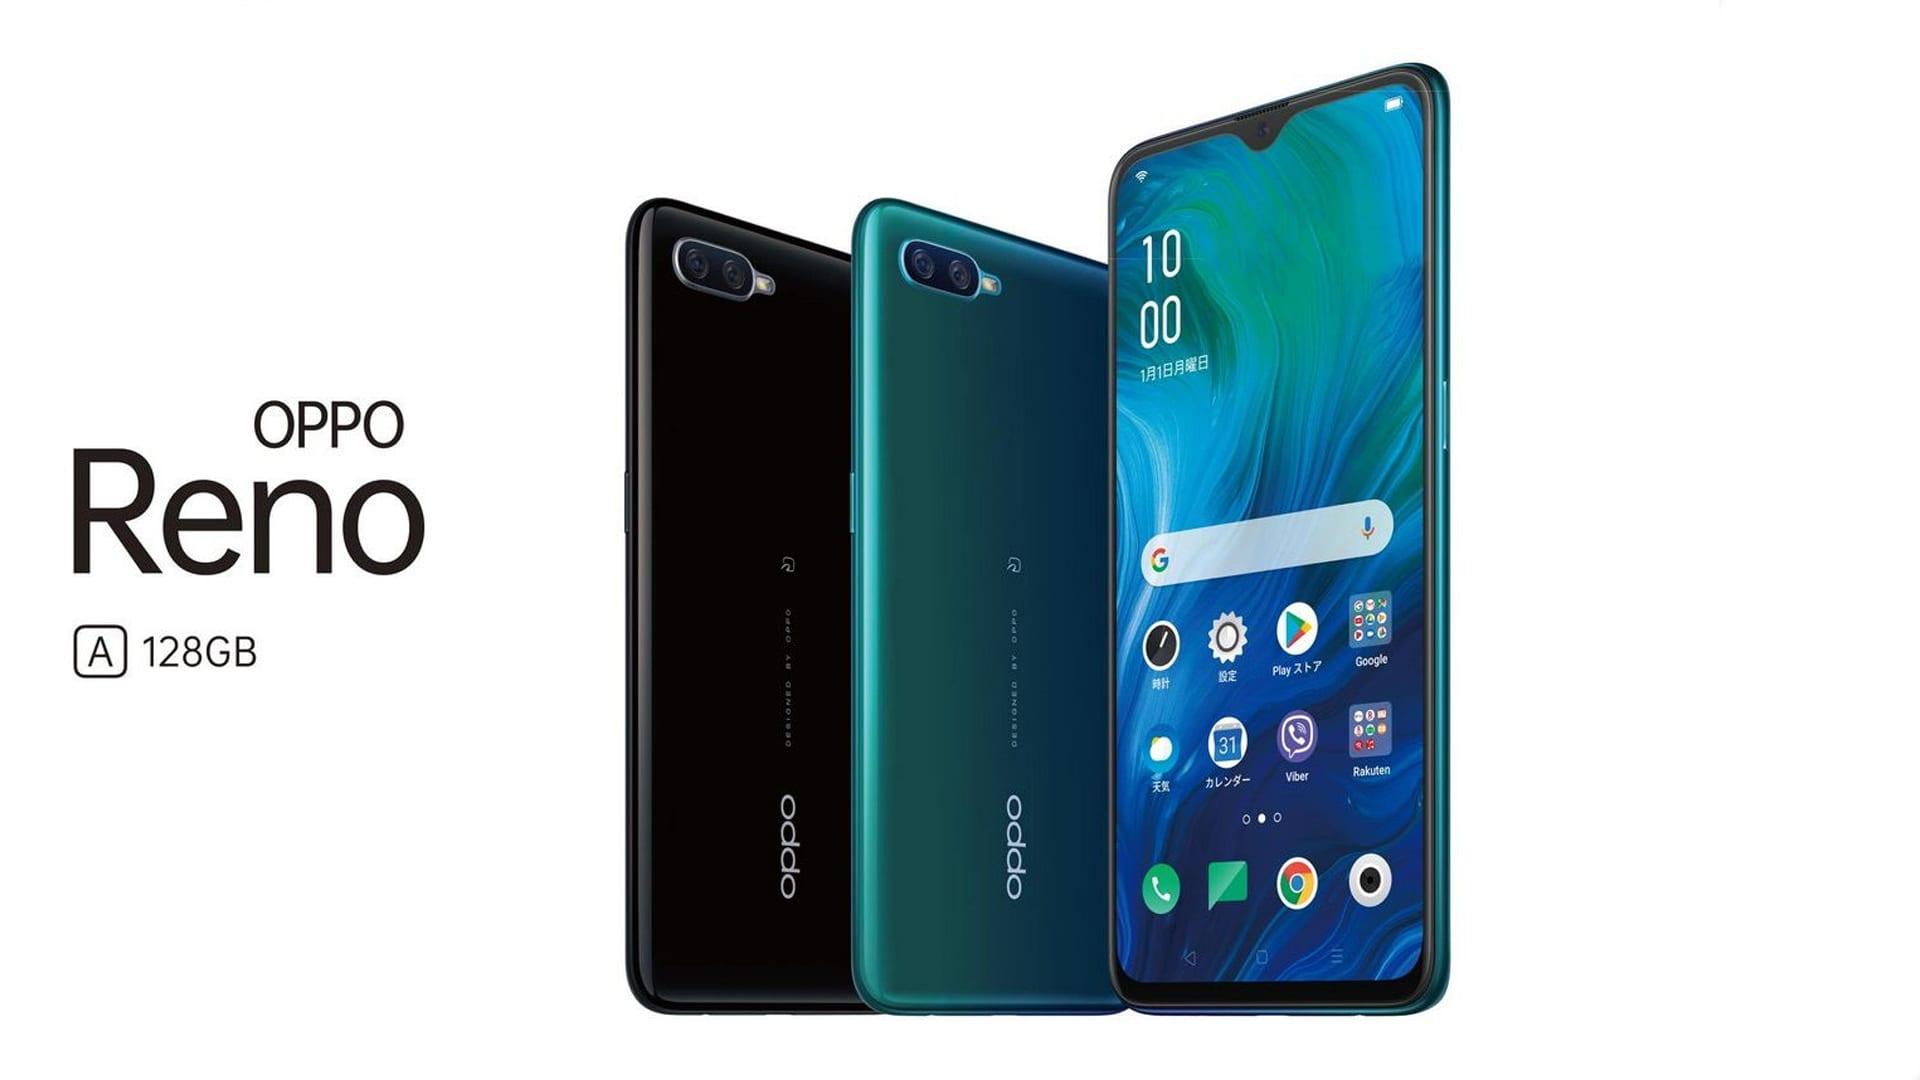 إطلاق هاتف Oppo Reno A في اليابان بمعالج Snapdragon 710 وبشهادة IP67 مقاومة الماء والغبار